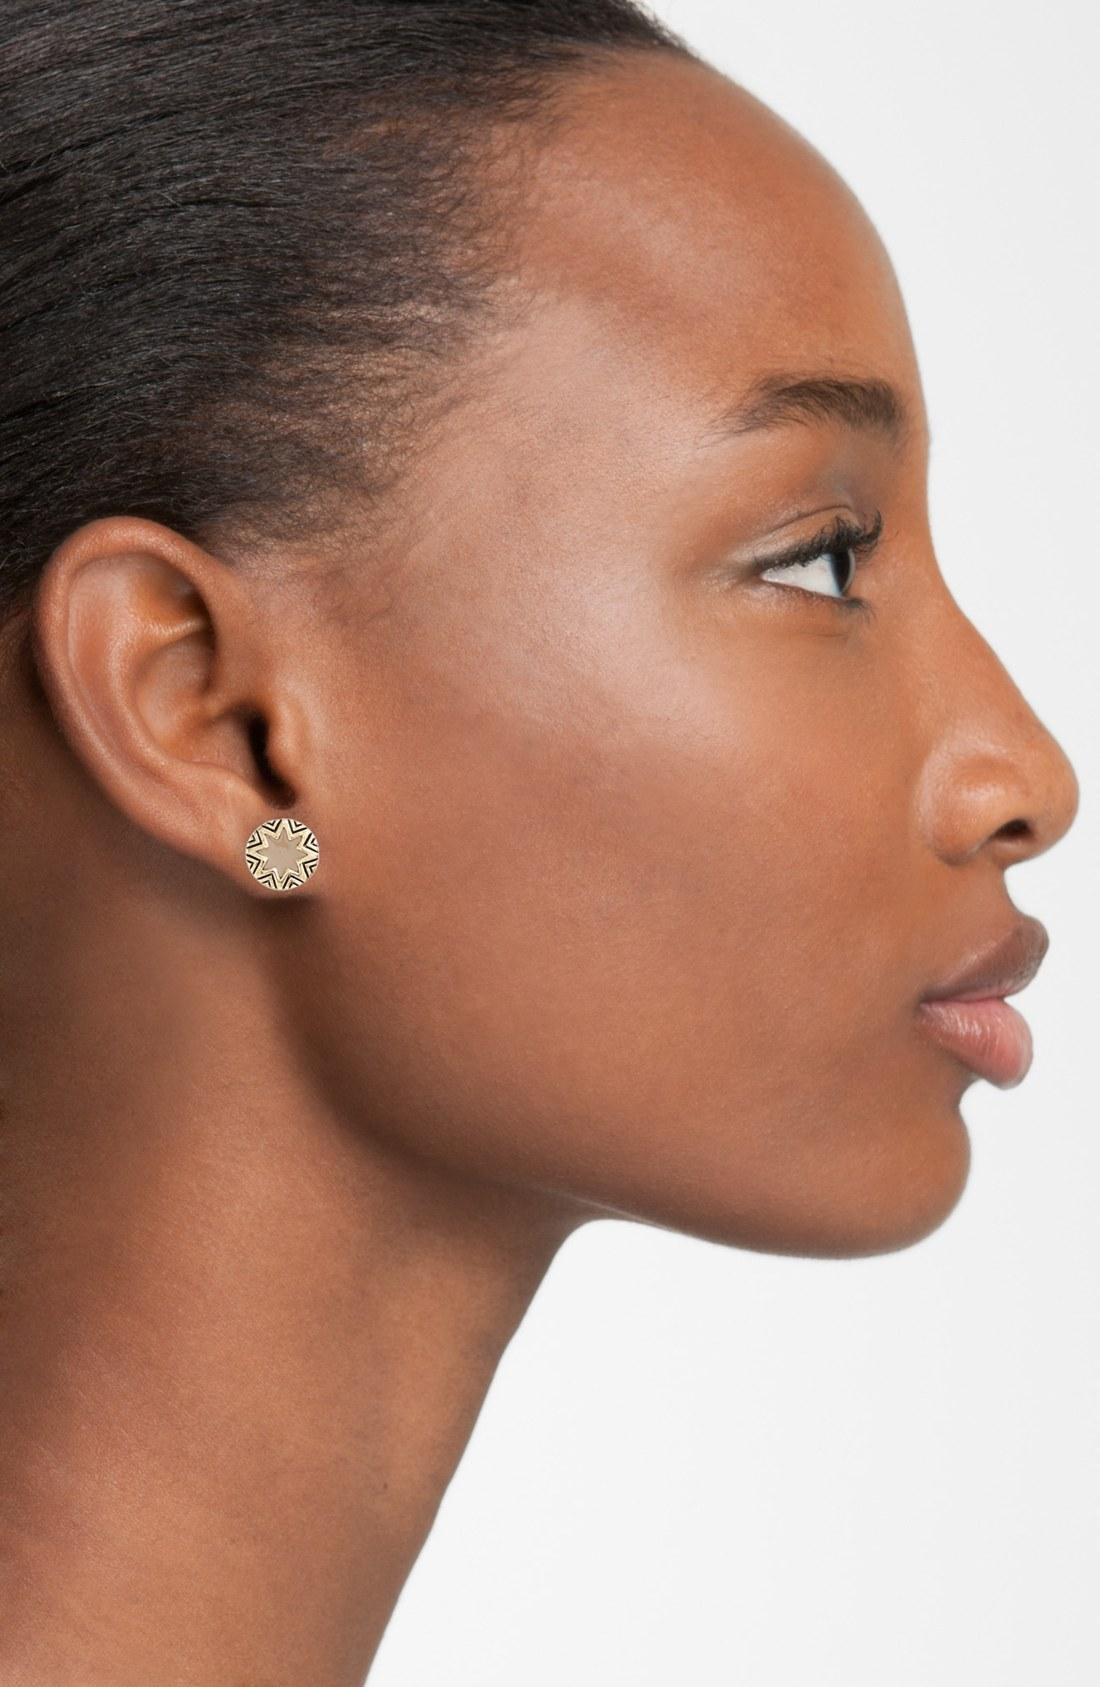 House Of Harlow House of Harlow Engraved Sunburst Stud Earrings in Metallic Gold VflmR